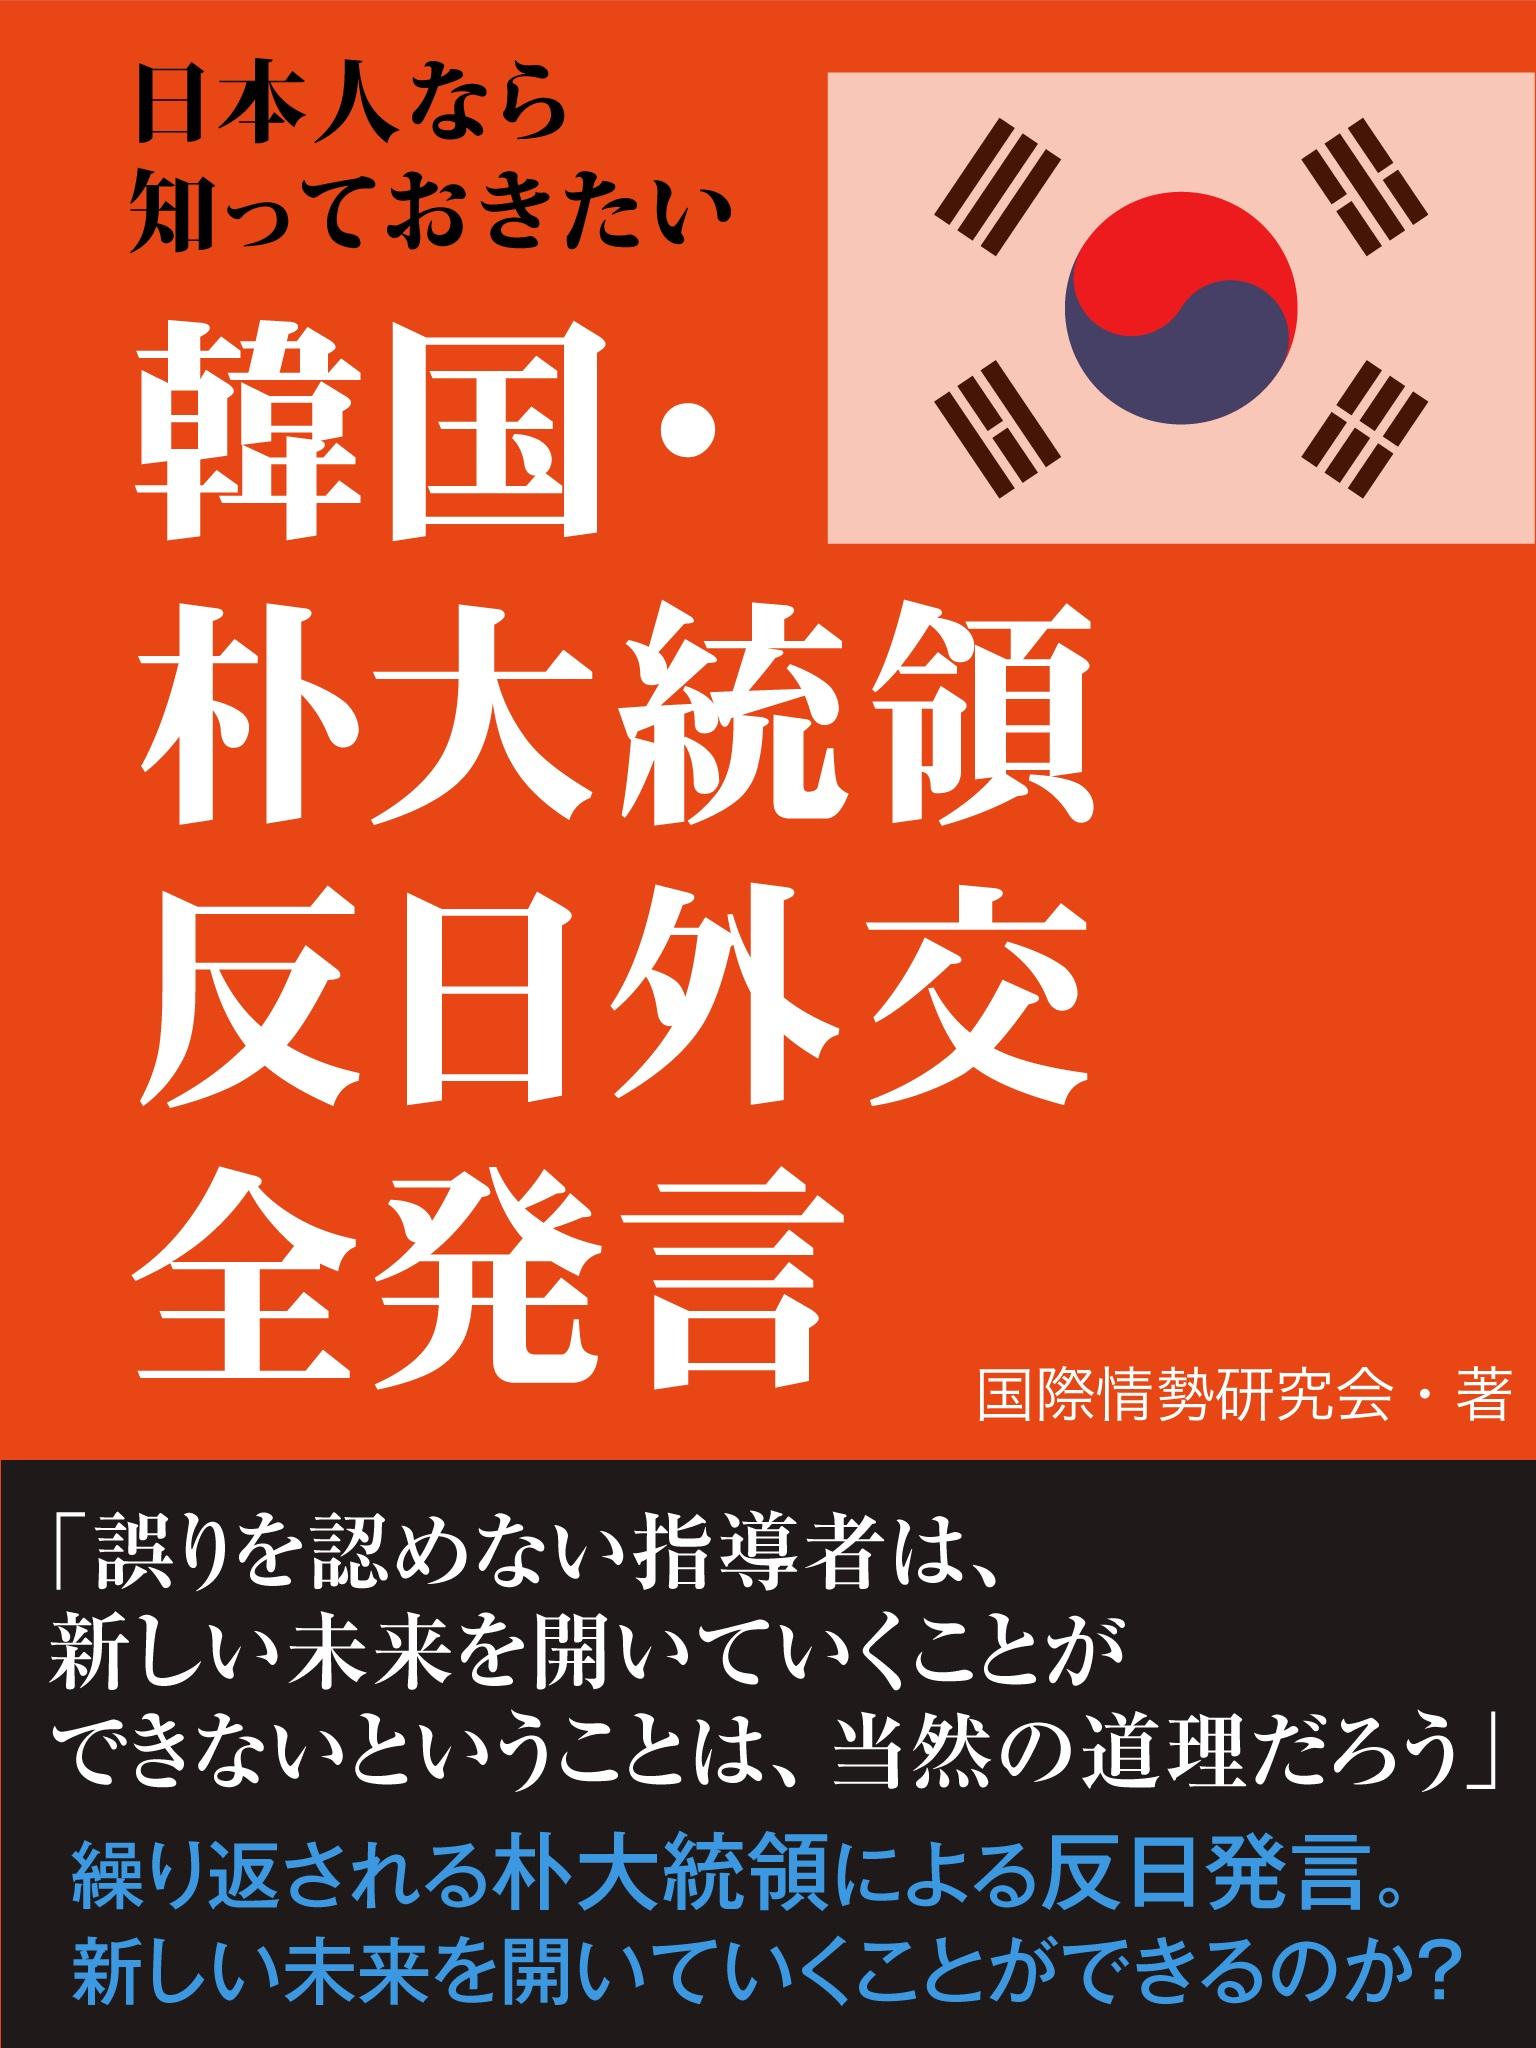 日本人なら知っておきたい 韓国・朴大統領 反日外交全発言